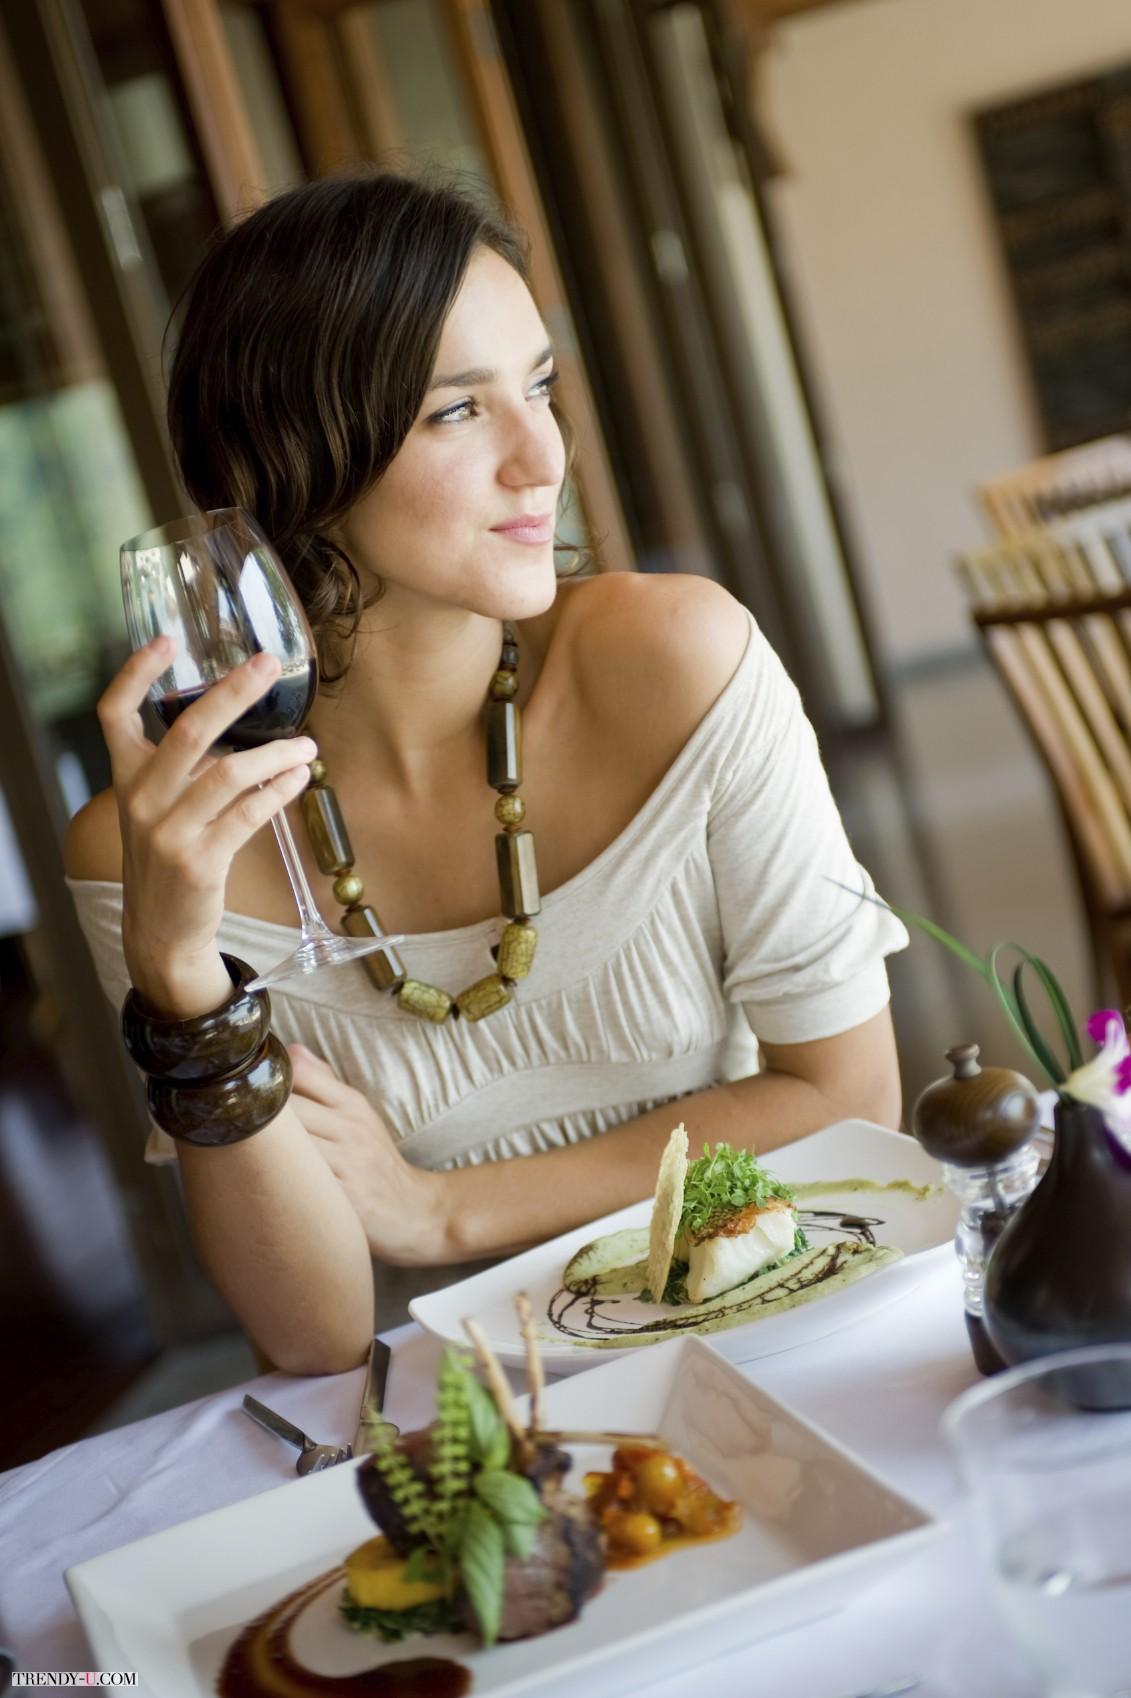 Красивая женщина и вкусная еда! Что может быть лучше для мужчины?